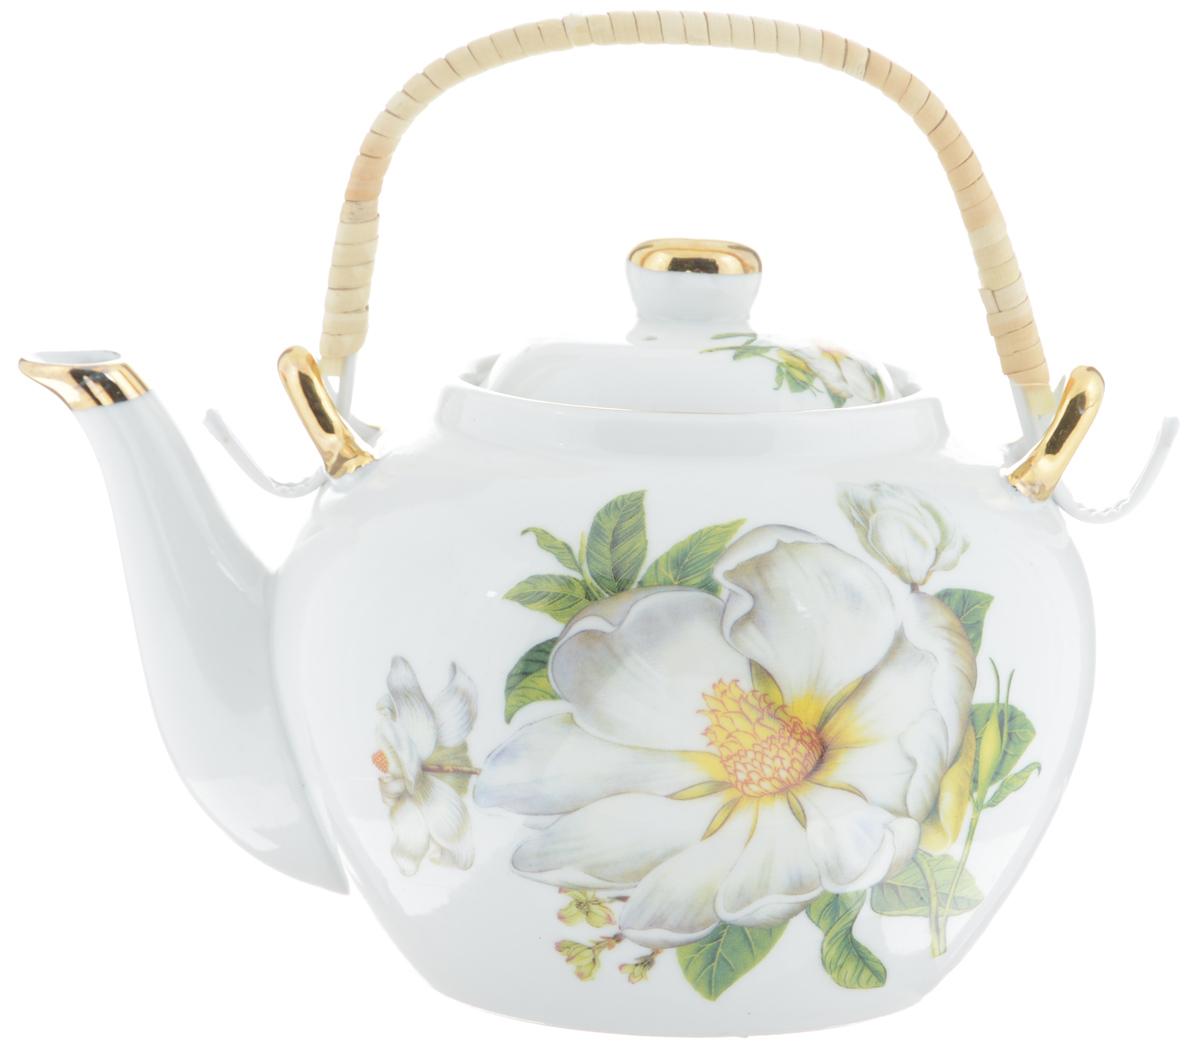 Чайник заварочный Loraine, с фильтром, 1 л. 2113321133Заварочный чайник Loraine изготовлен из высококачественной керамики и дополнен металлическим фильтром. Он имеет изящную форму и декорирован нежным цветочным рисунком. Чайник сочетает в себе стильный дизайн с максимальной функциональностью. Красочность оформления придется по вкусу и ценителям классики, и тем, кто предпочитает утонченность и изысканность. Чайник упакован в подарочную коробку из плотного картона. Внутренняя часть коробки задрапирована атласом, и чайник надежно крепится в определенном положении благодаря особым выемкам в коробке. Высота чайника (без учета ручки и крышки ): 12 см. Диаметр (по верхнему краю): 8,5 см. Высота чайника (с учетом ручки и крышки): 21 см.